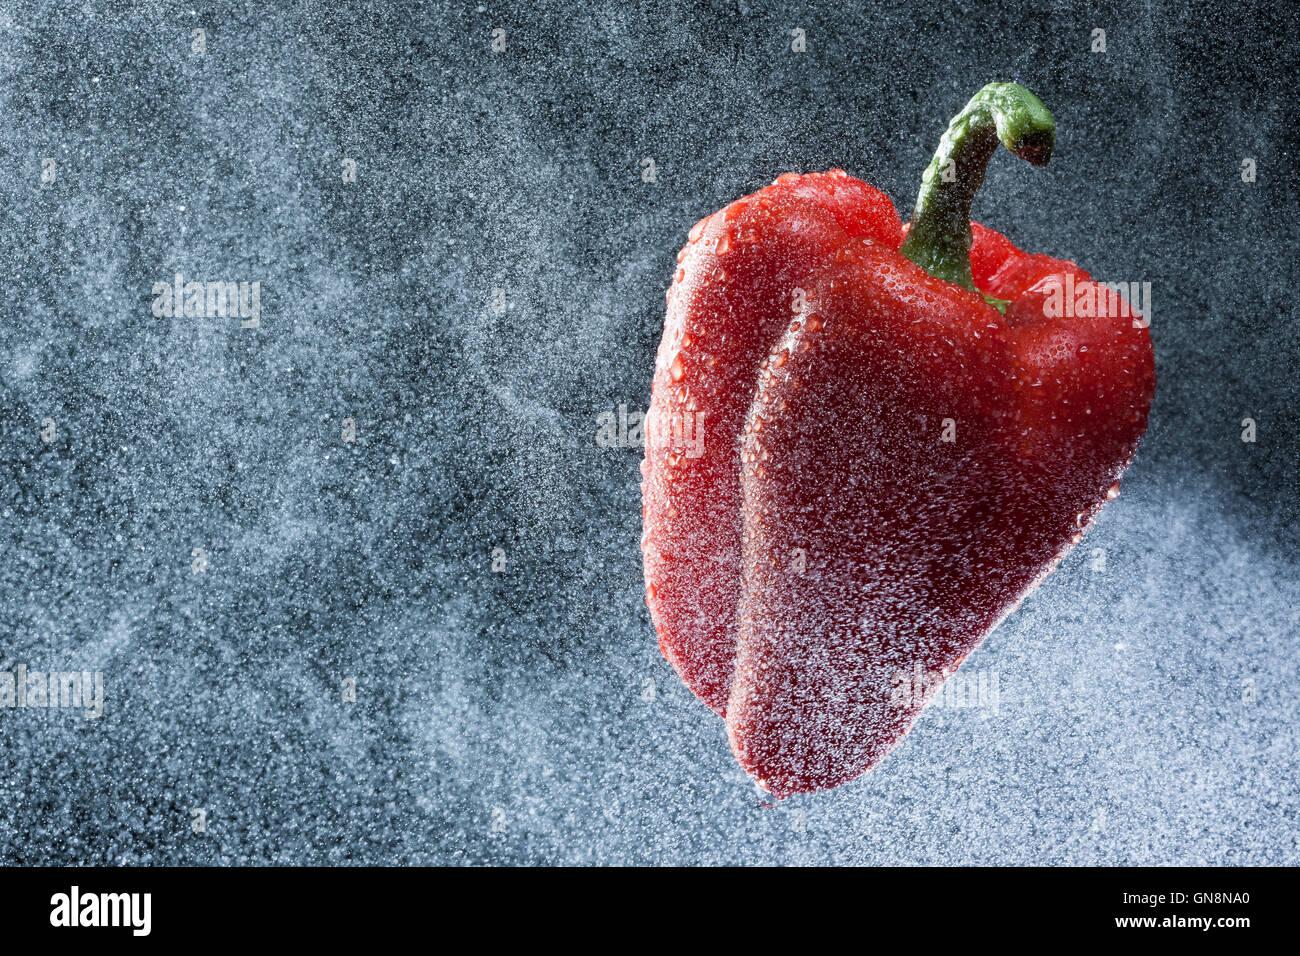 Peperone rosso in uno spray contro uno sfondo nero. Una serie di frutta e verdura in movimento. Foto Stock